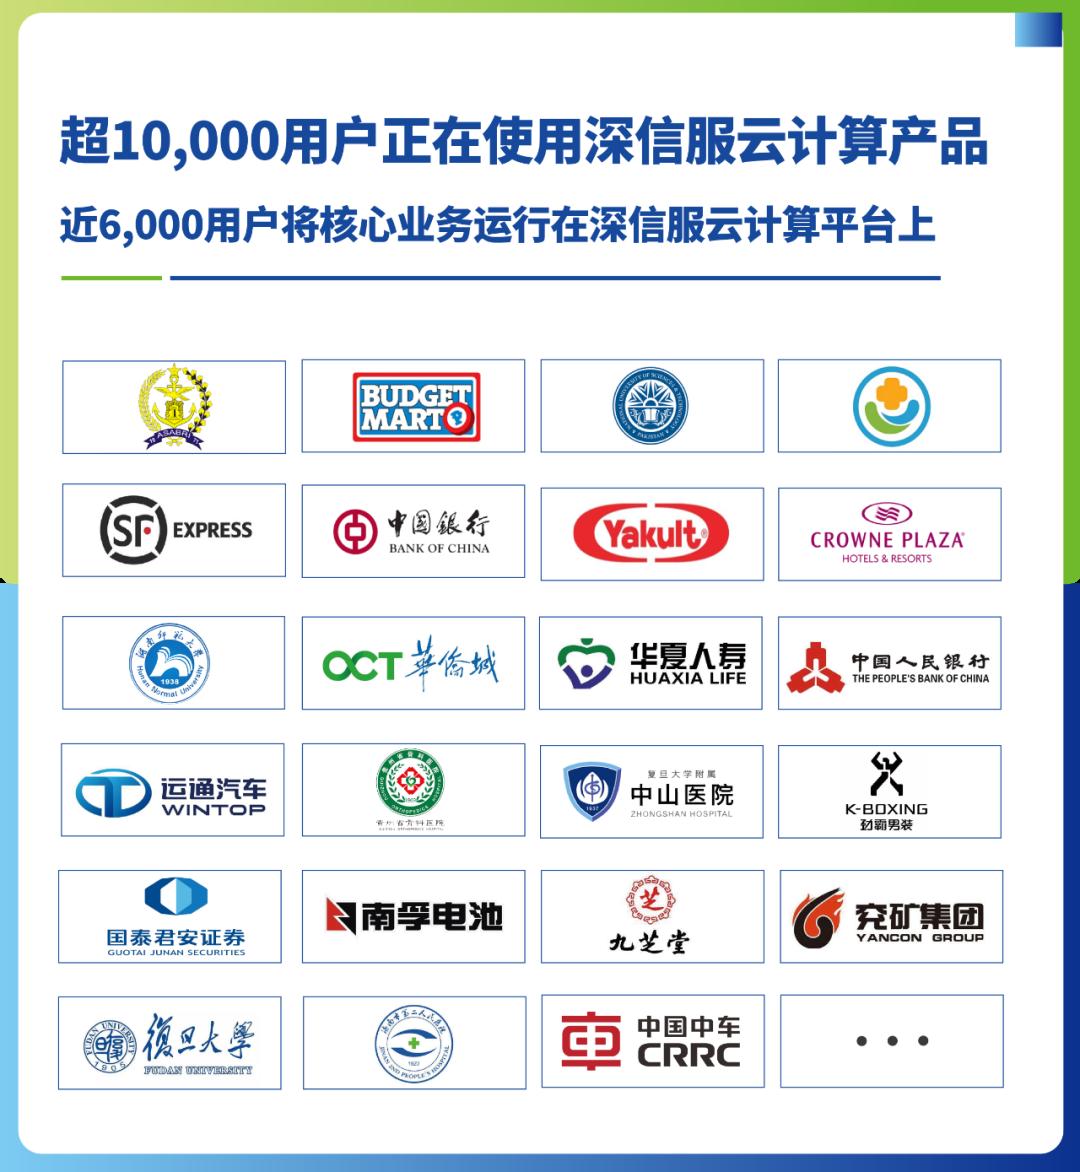 深信服再获国际认可,成全球21家推荐的超融合厂商之一